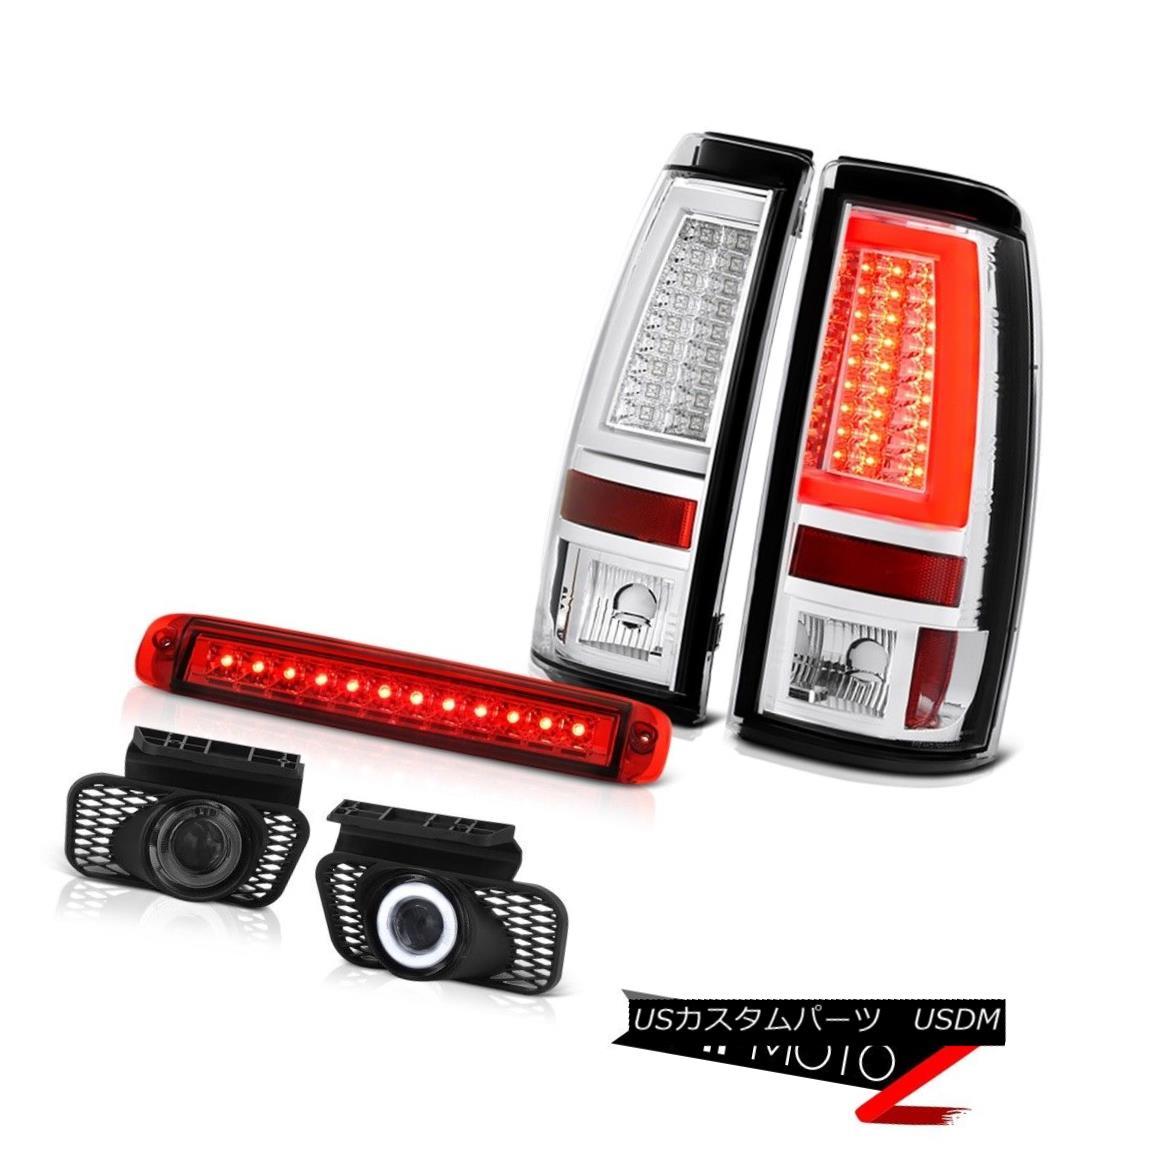 テールライト 03-06 Silverado 1500 Rear Brake Lamps Rosso Red 3RD Lamp Fog Lights OLED Prism 03-06 Silverado 1500リアブレーキランプロッソレッド3RDランプフォグライトOLEDプリズム